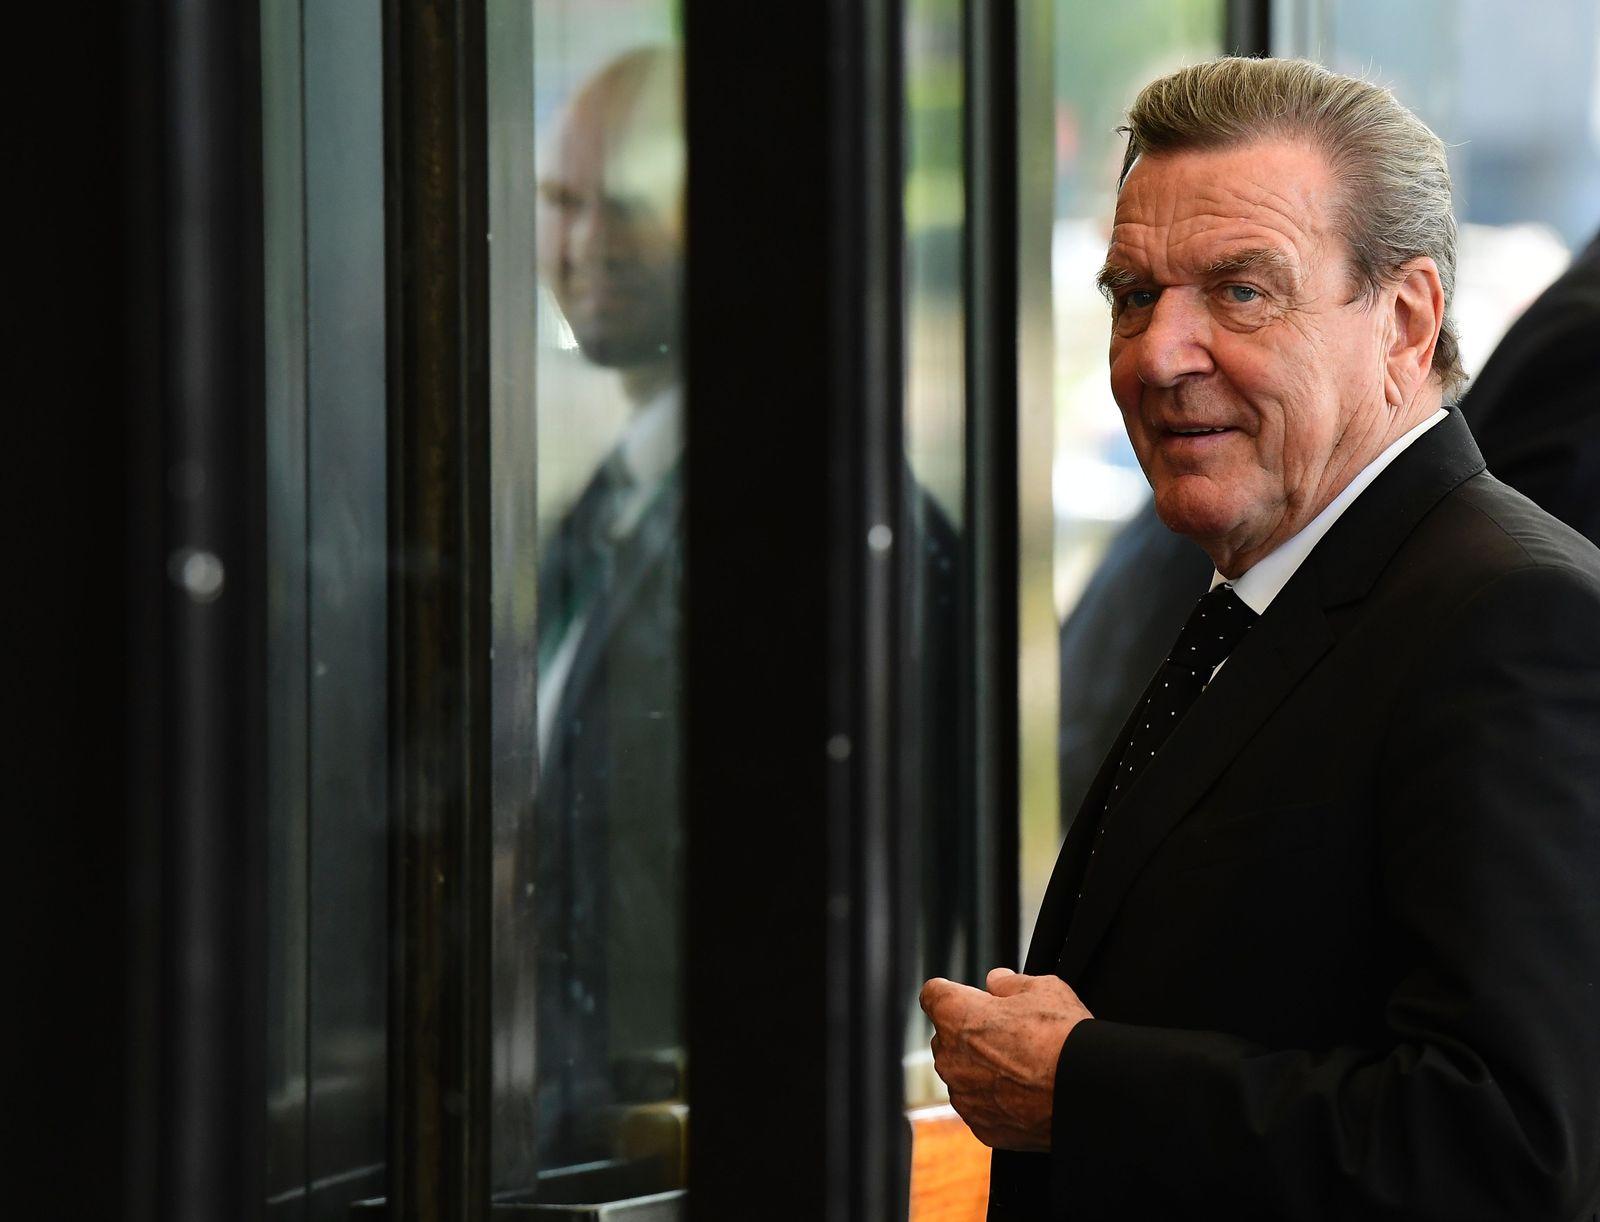 Politik in die Wirtschaft / Gerhard Schröder